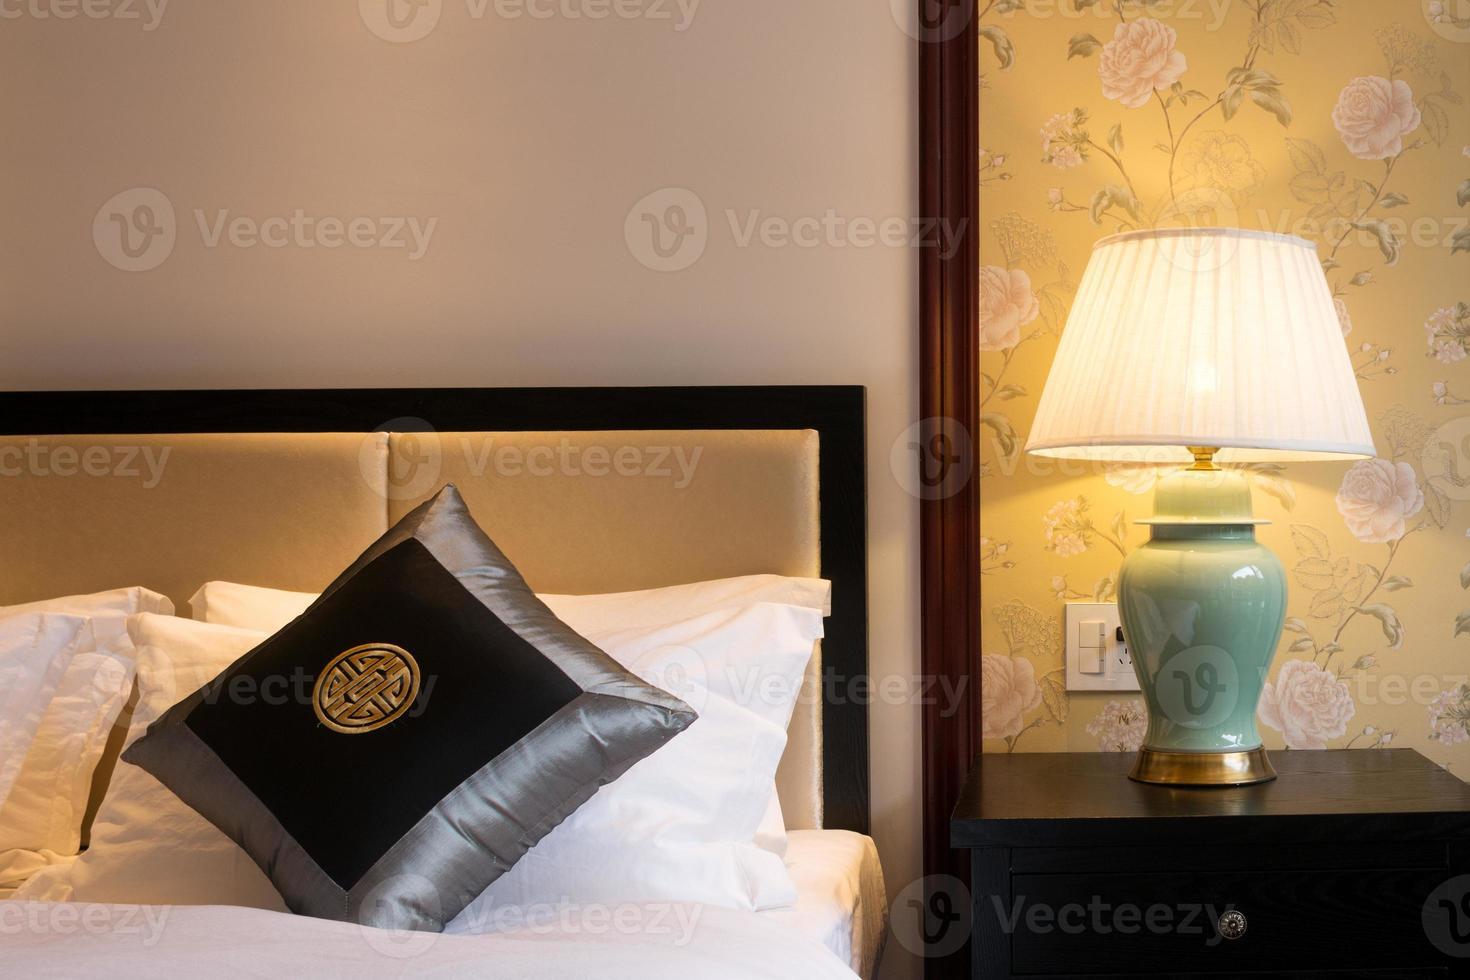 scena notturna nella camera d'albergo: letto preparato fresco foto